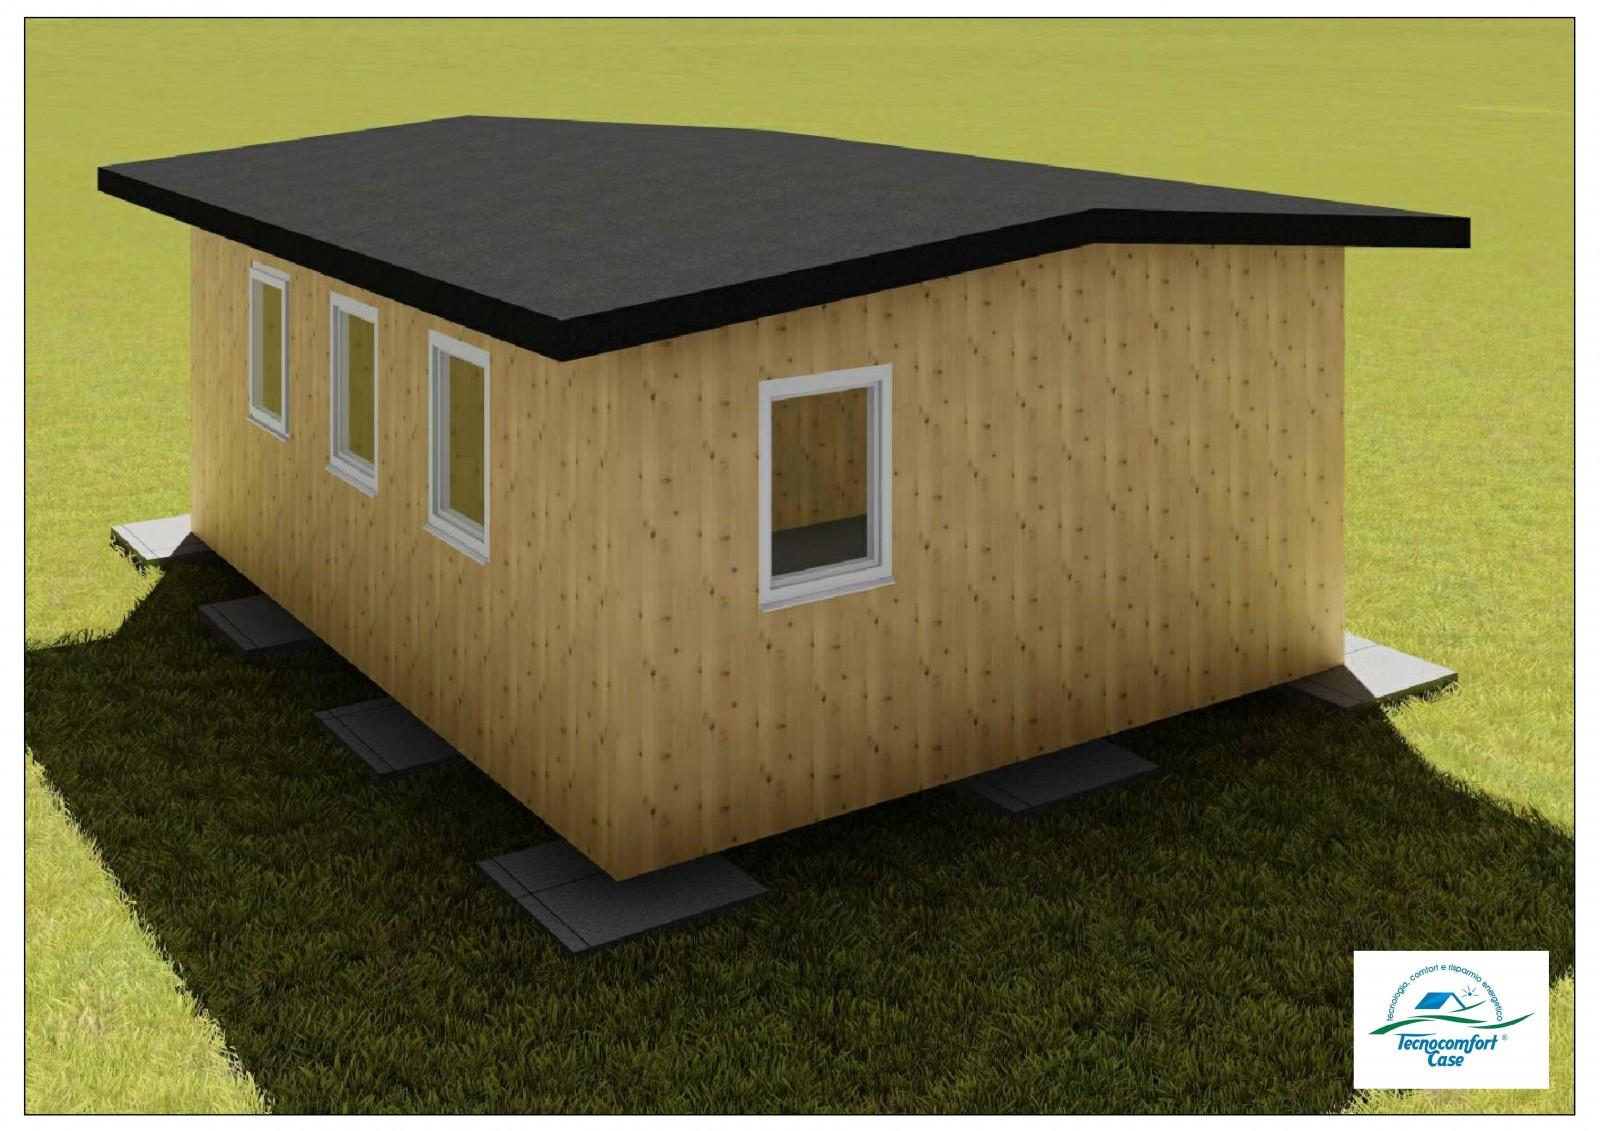 Moduli abitativi fabulous delle miniaree commerciali e artigianali per ospitare gli esercizi i - Madi casa pieghevole ...